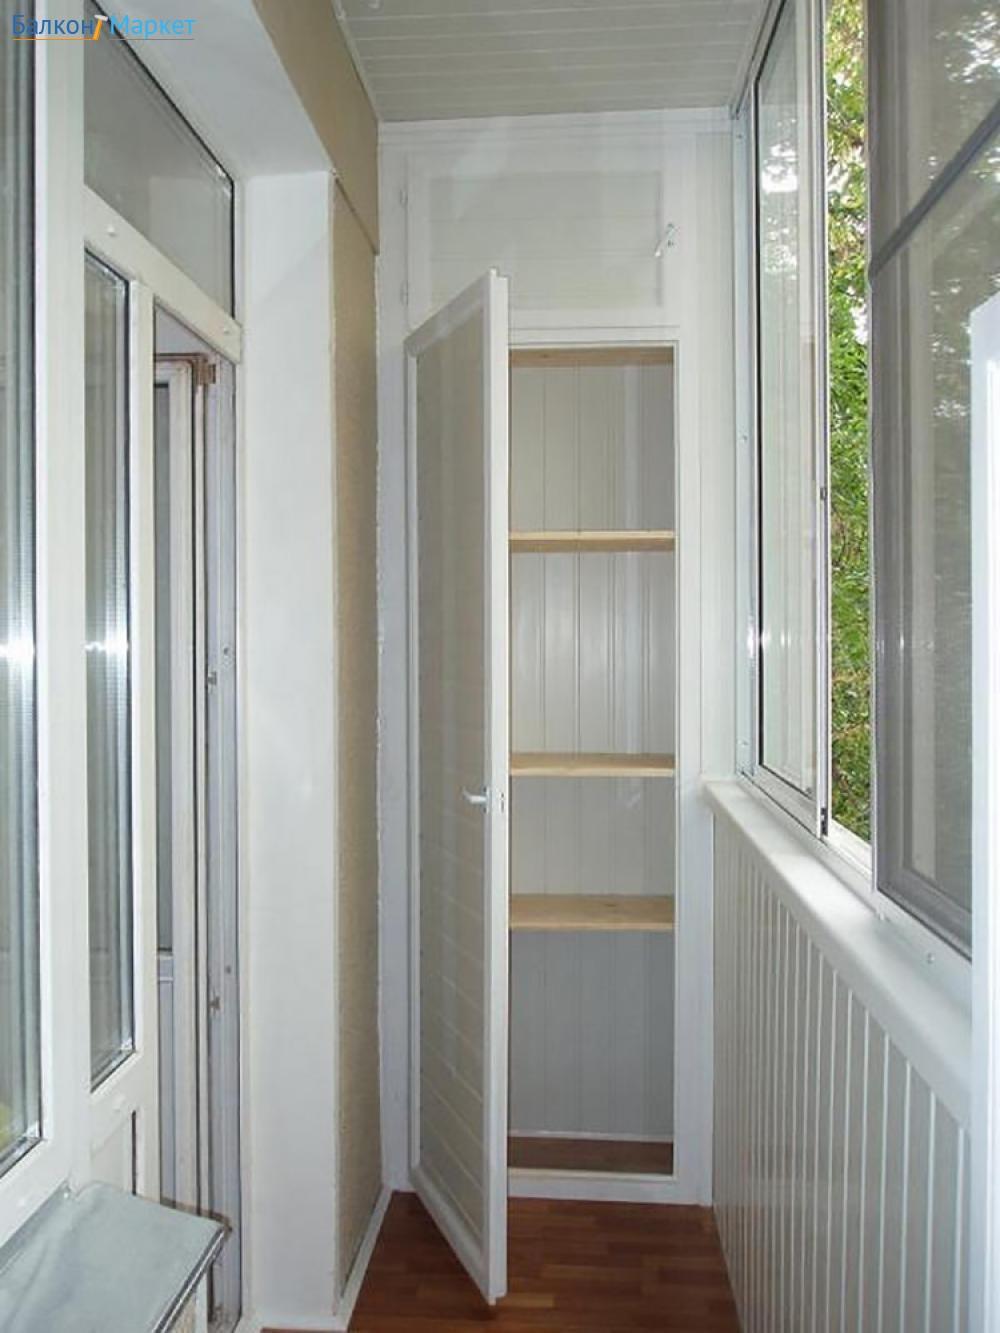 Обшить балкон в хрущевке цена. - готовые балконы - каталог с.